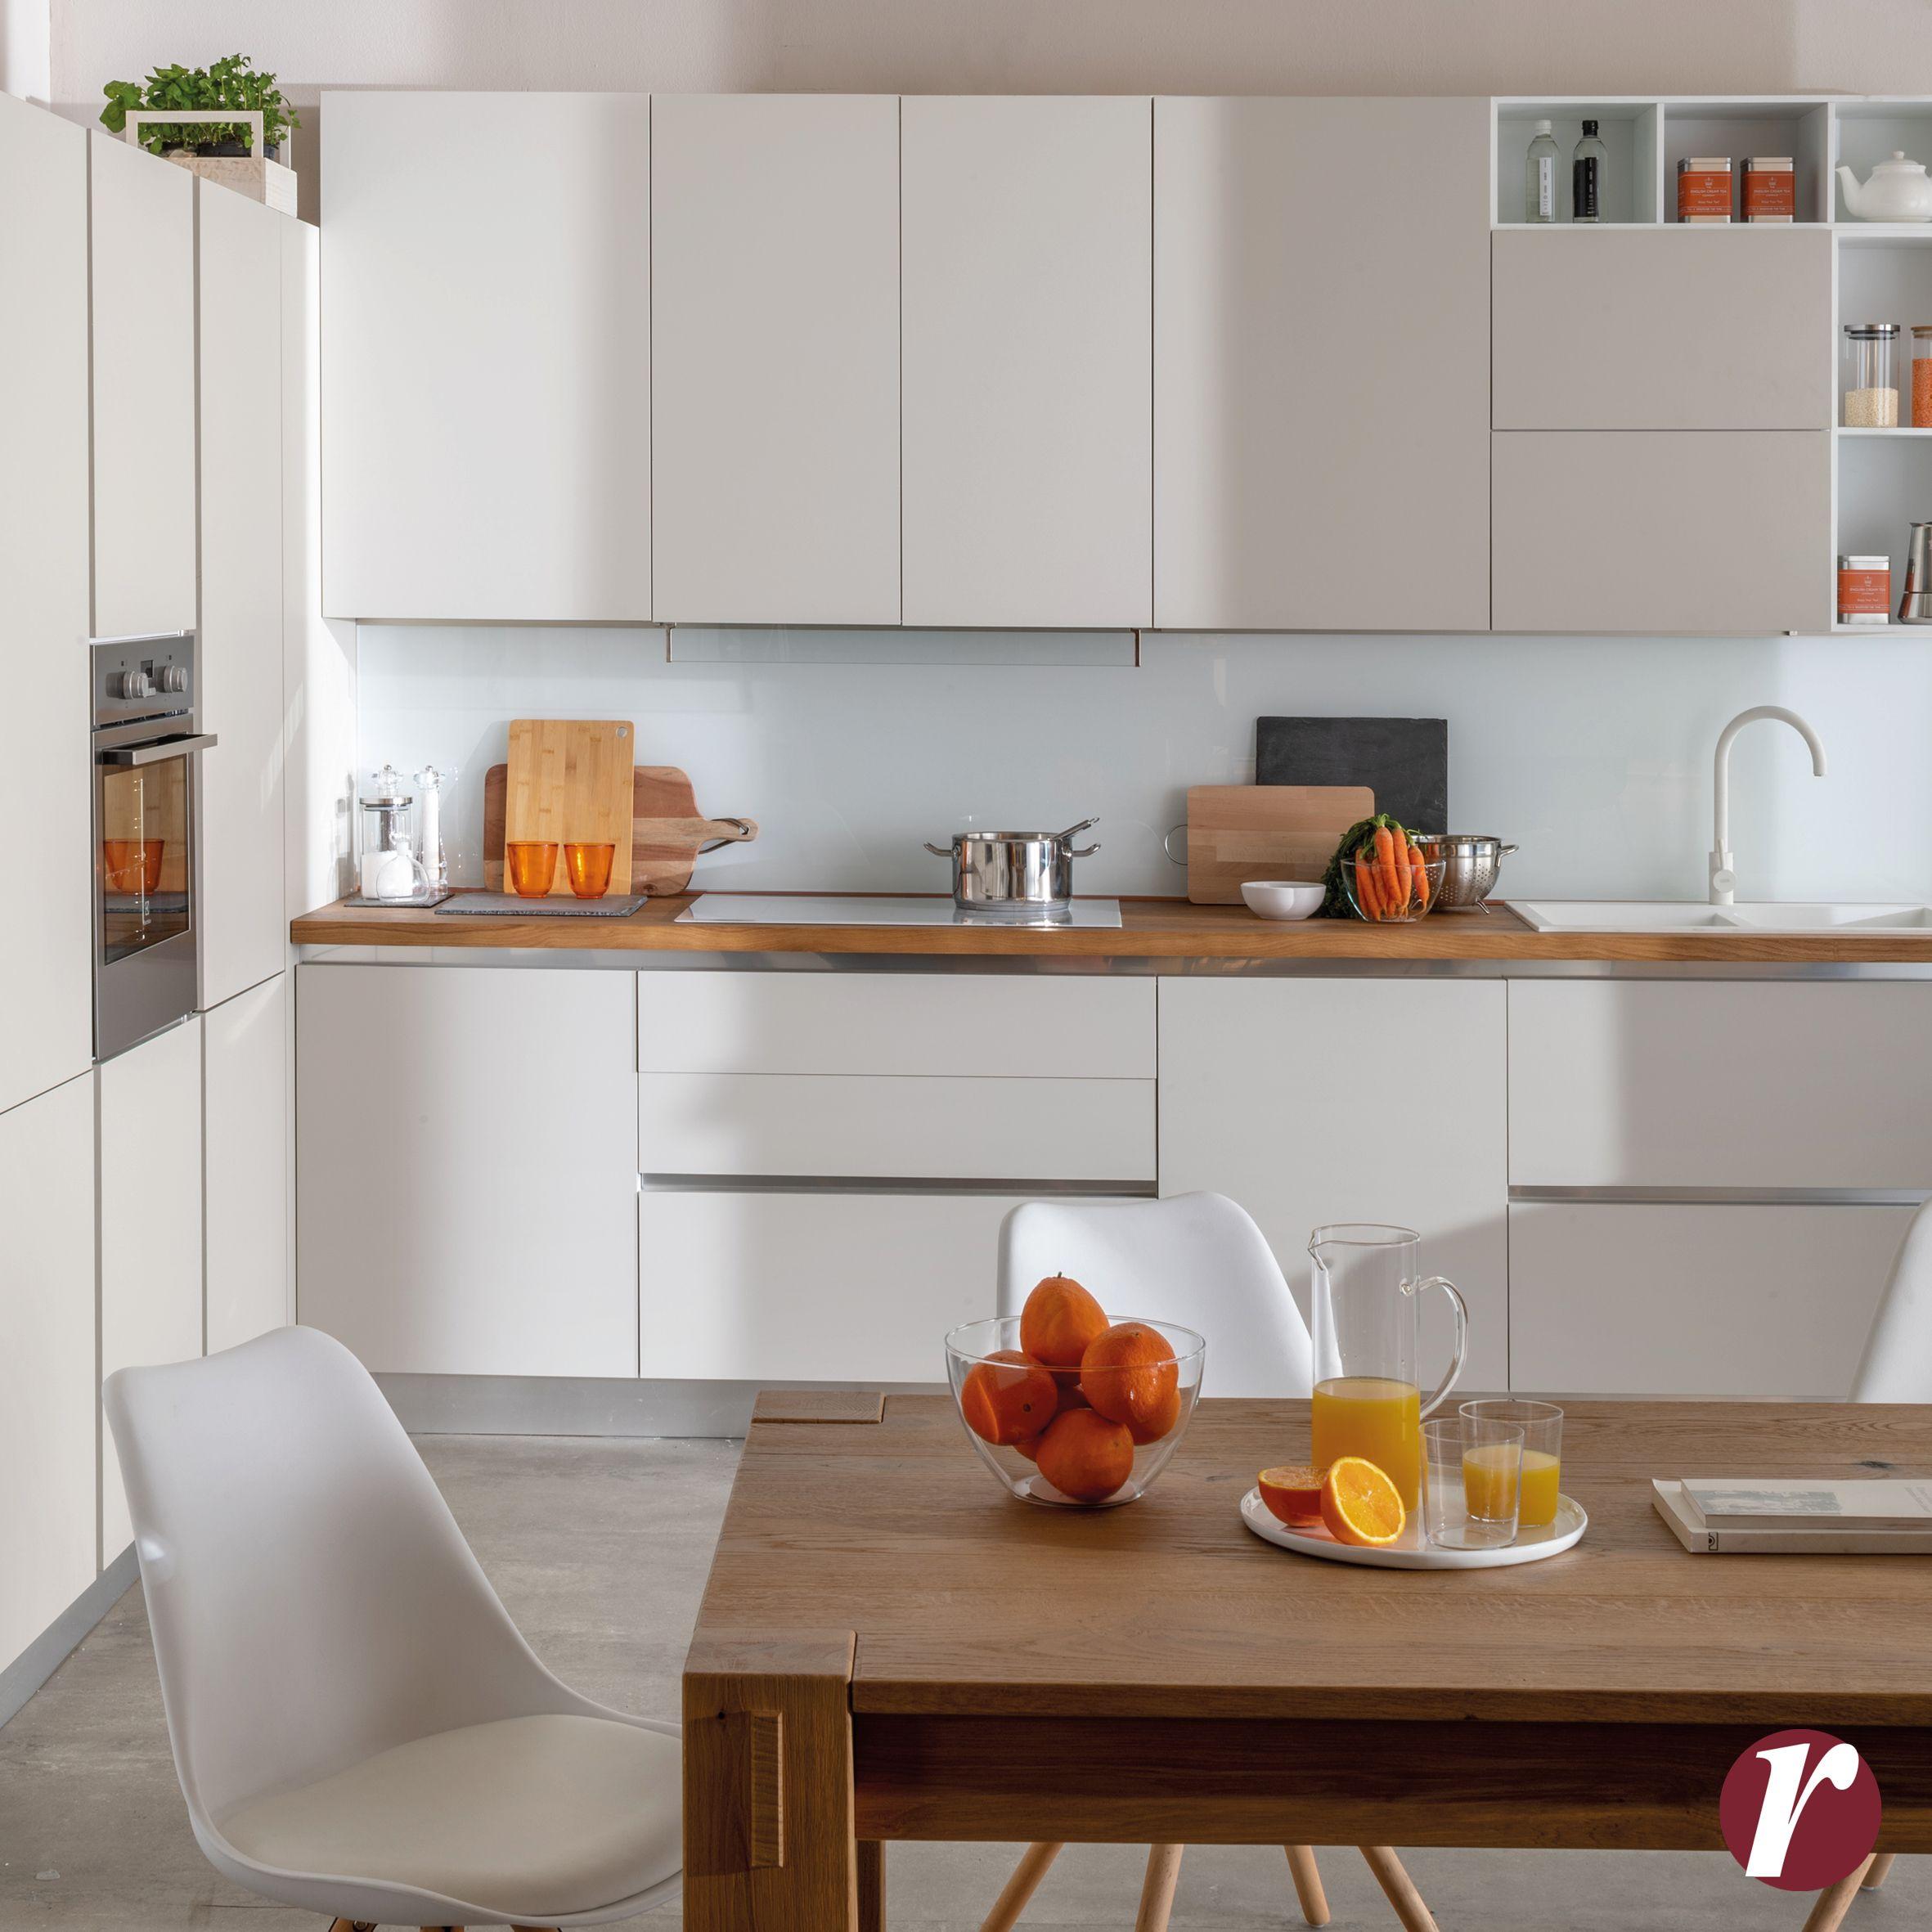 Leggerezza E Funzionalita Sono Le Parole D Ordine Per La Nuova Cucina Componibile Cielo Qui Proposta Con Una Composizione Nel 2020 Arredamento Casa Arredamento Mobili